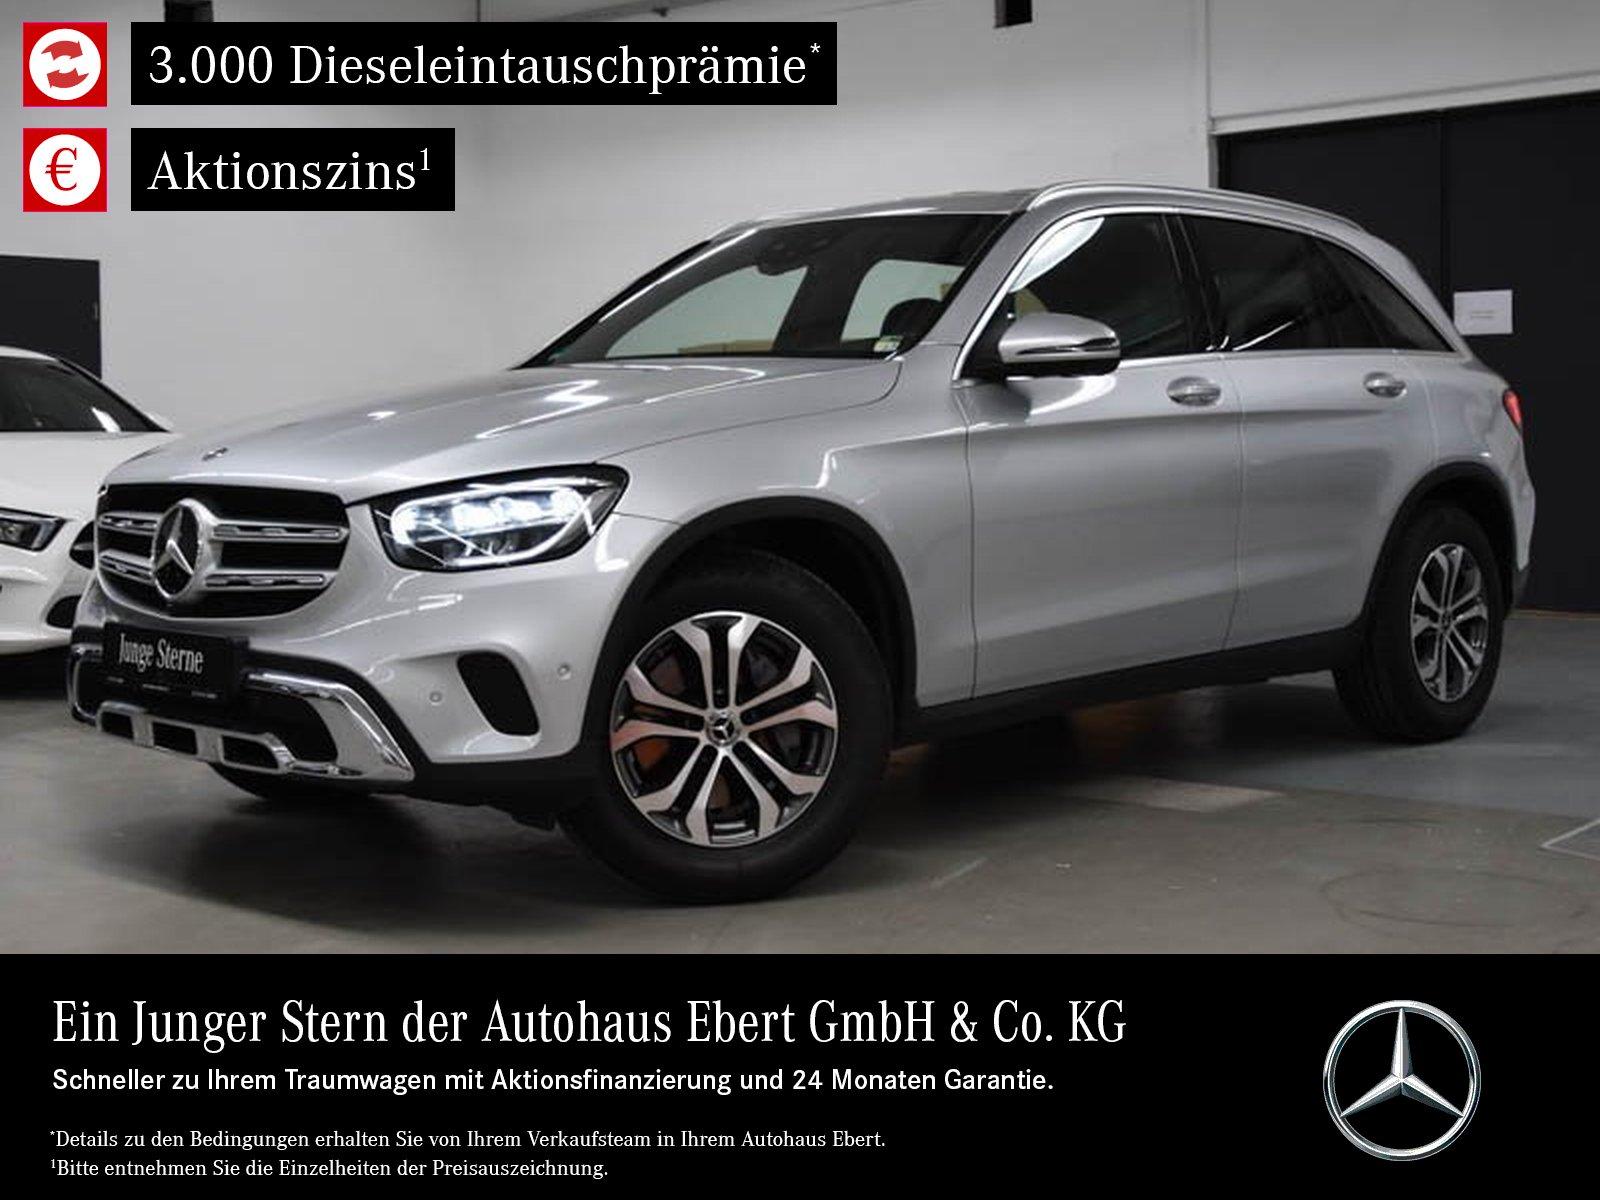 Mercedes-Benz GLC 200 4M 9G+LED+MBUX+360°+EASYPACK, Jahr 2019, Benzin